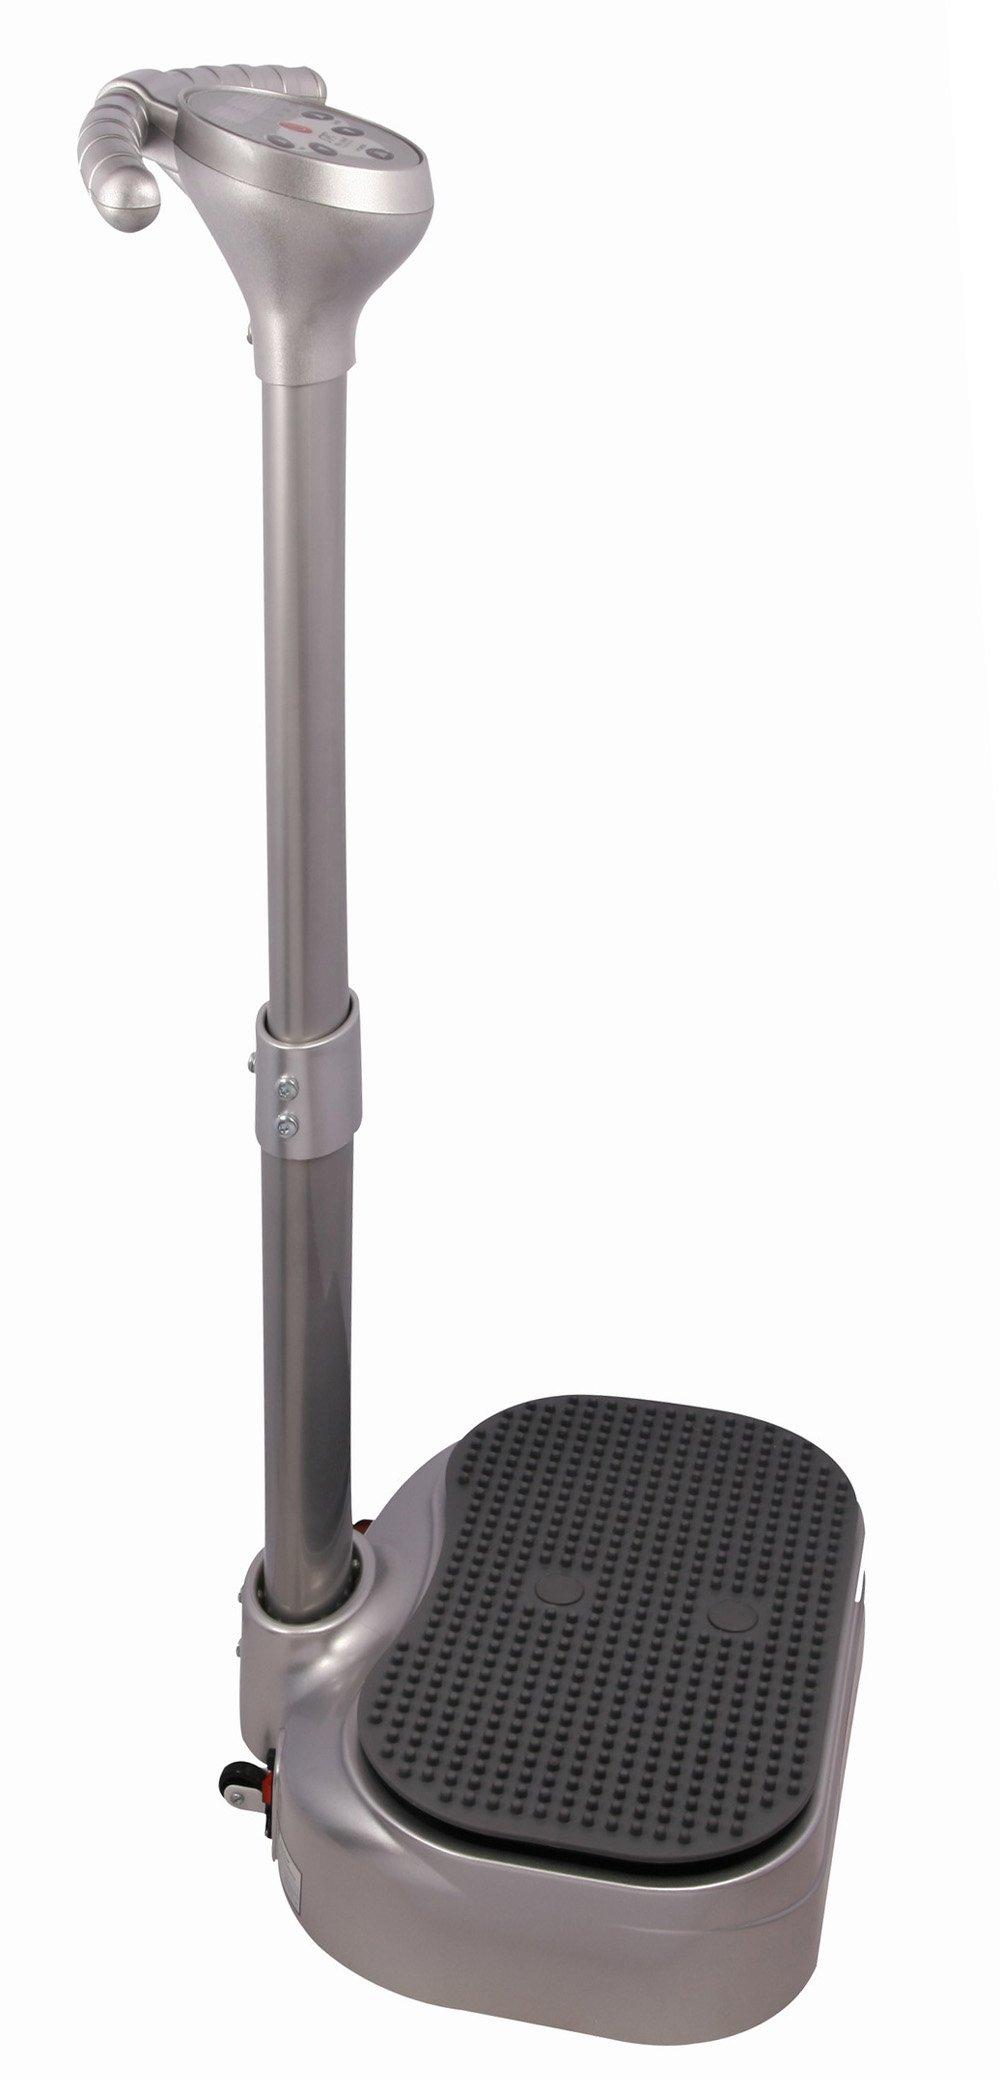 Sunpentown AB-759 Vibratone Whole Body Vibration Machine by Sunpentown